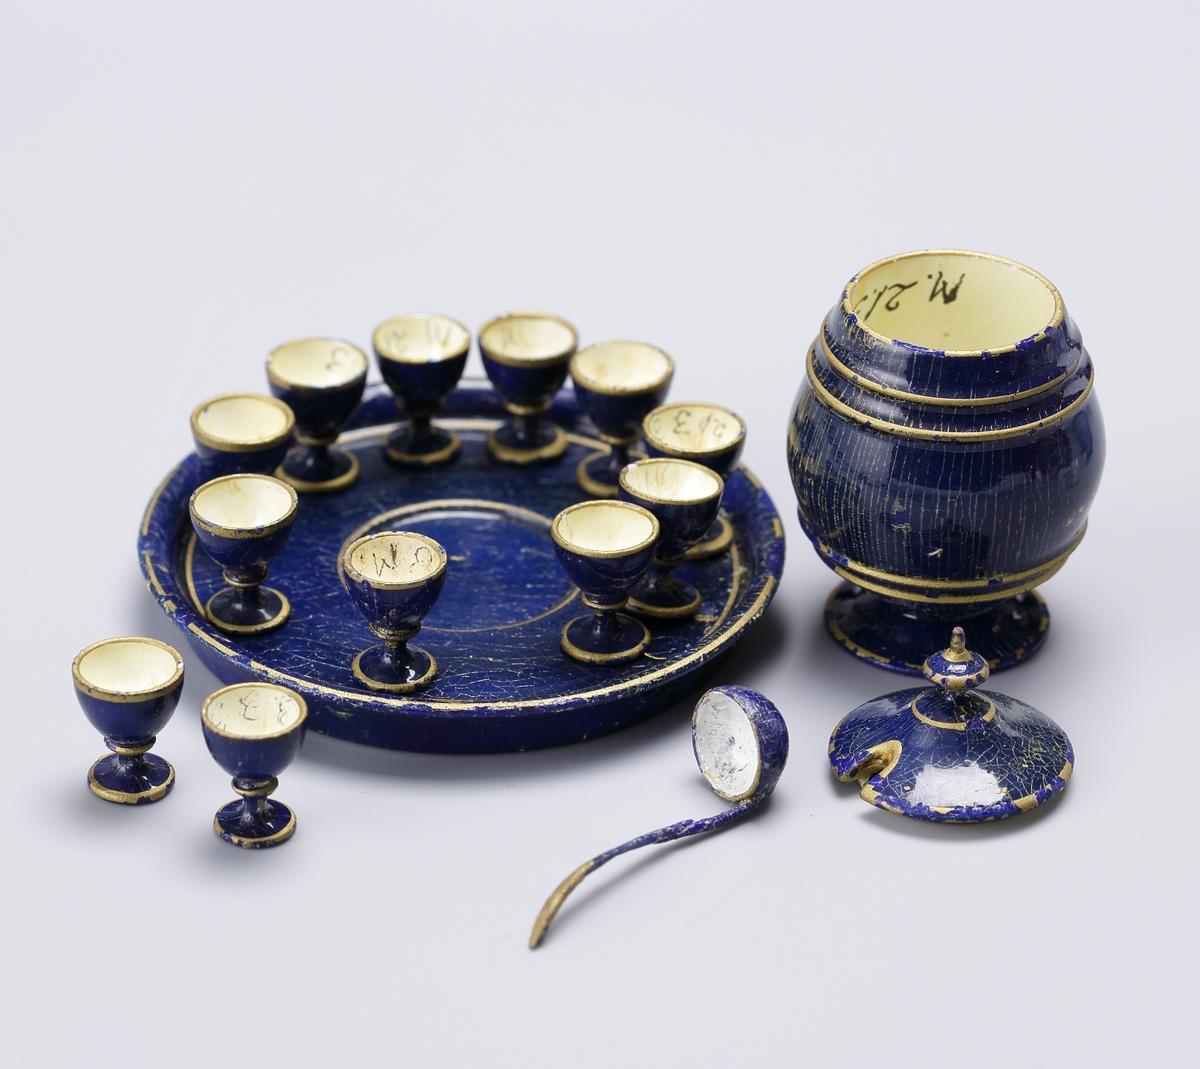 Husgeråd, porslin, glas, tennservis, punschservis i 14 delar, prydnadssaker, ljusskrona, tennljusstakar m. m.  Inskrivet i huvudbok 1969